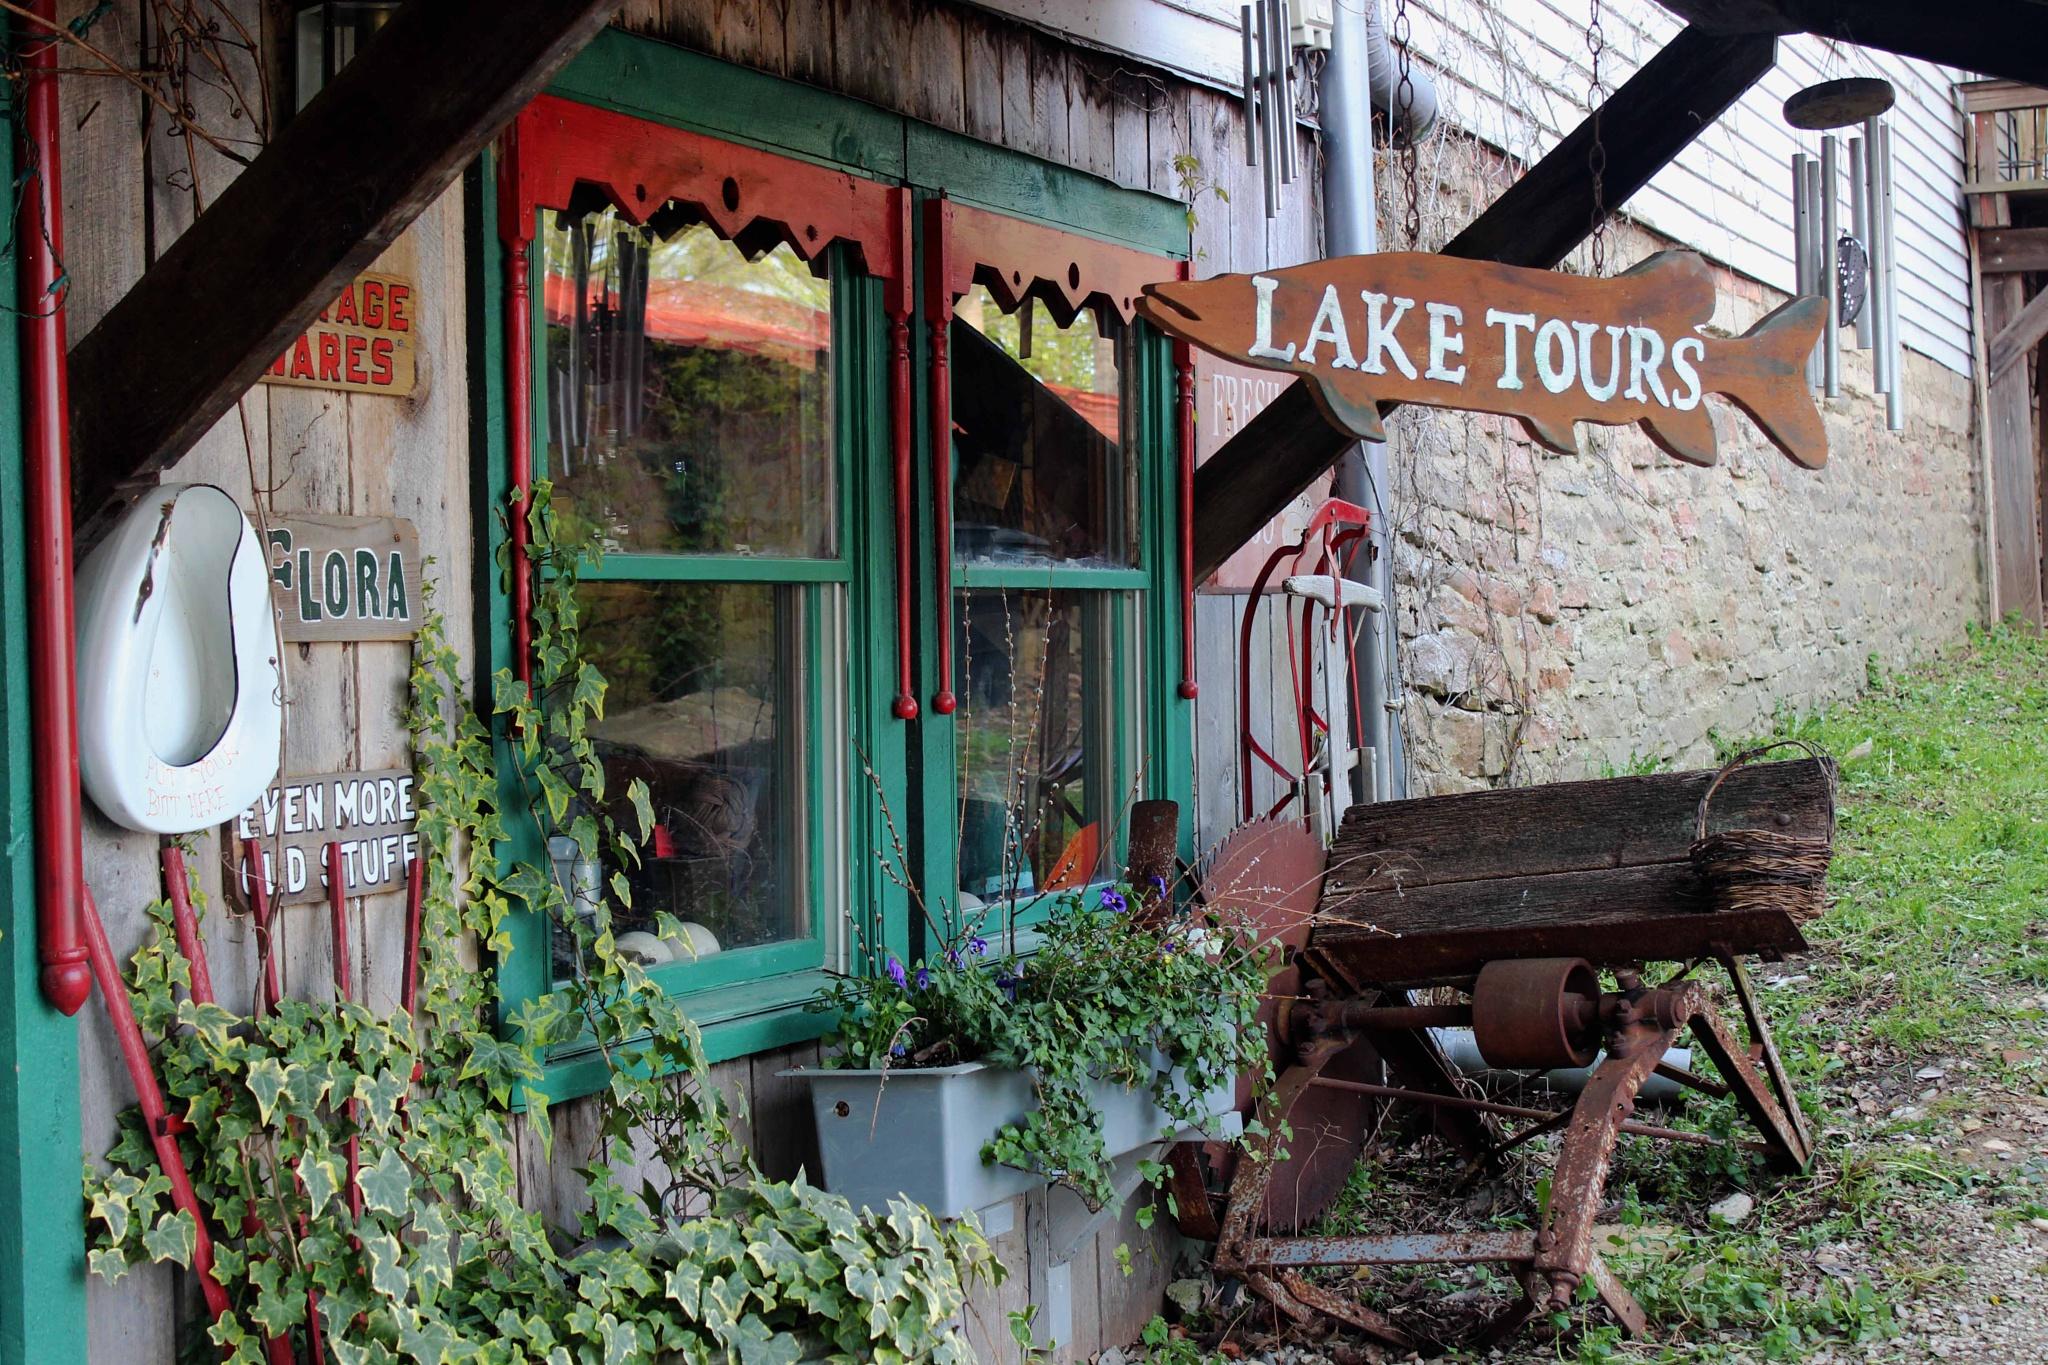 Lake Tours by Karen Harris